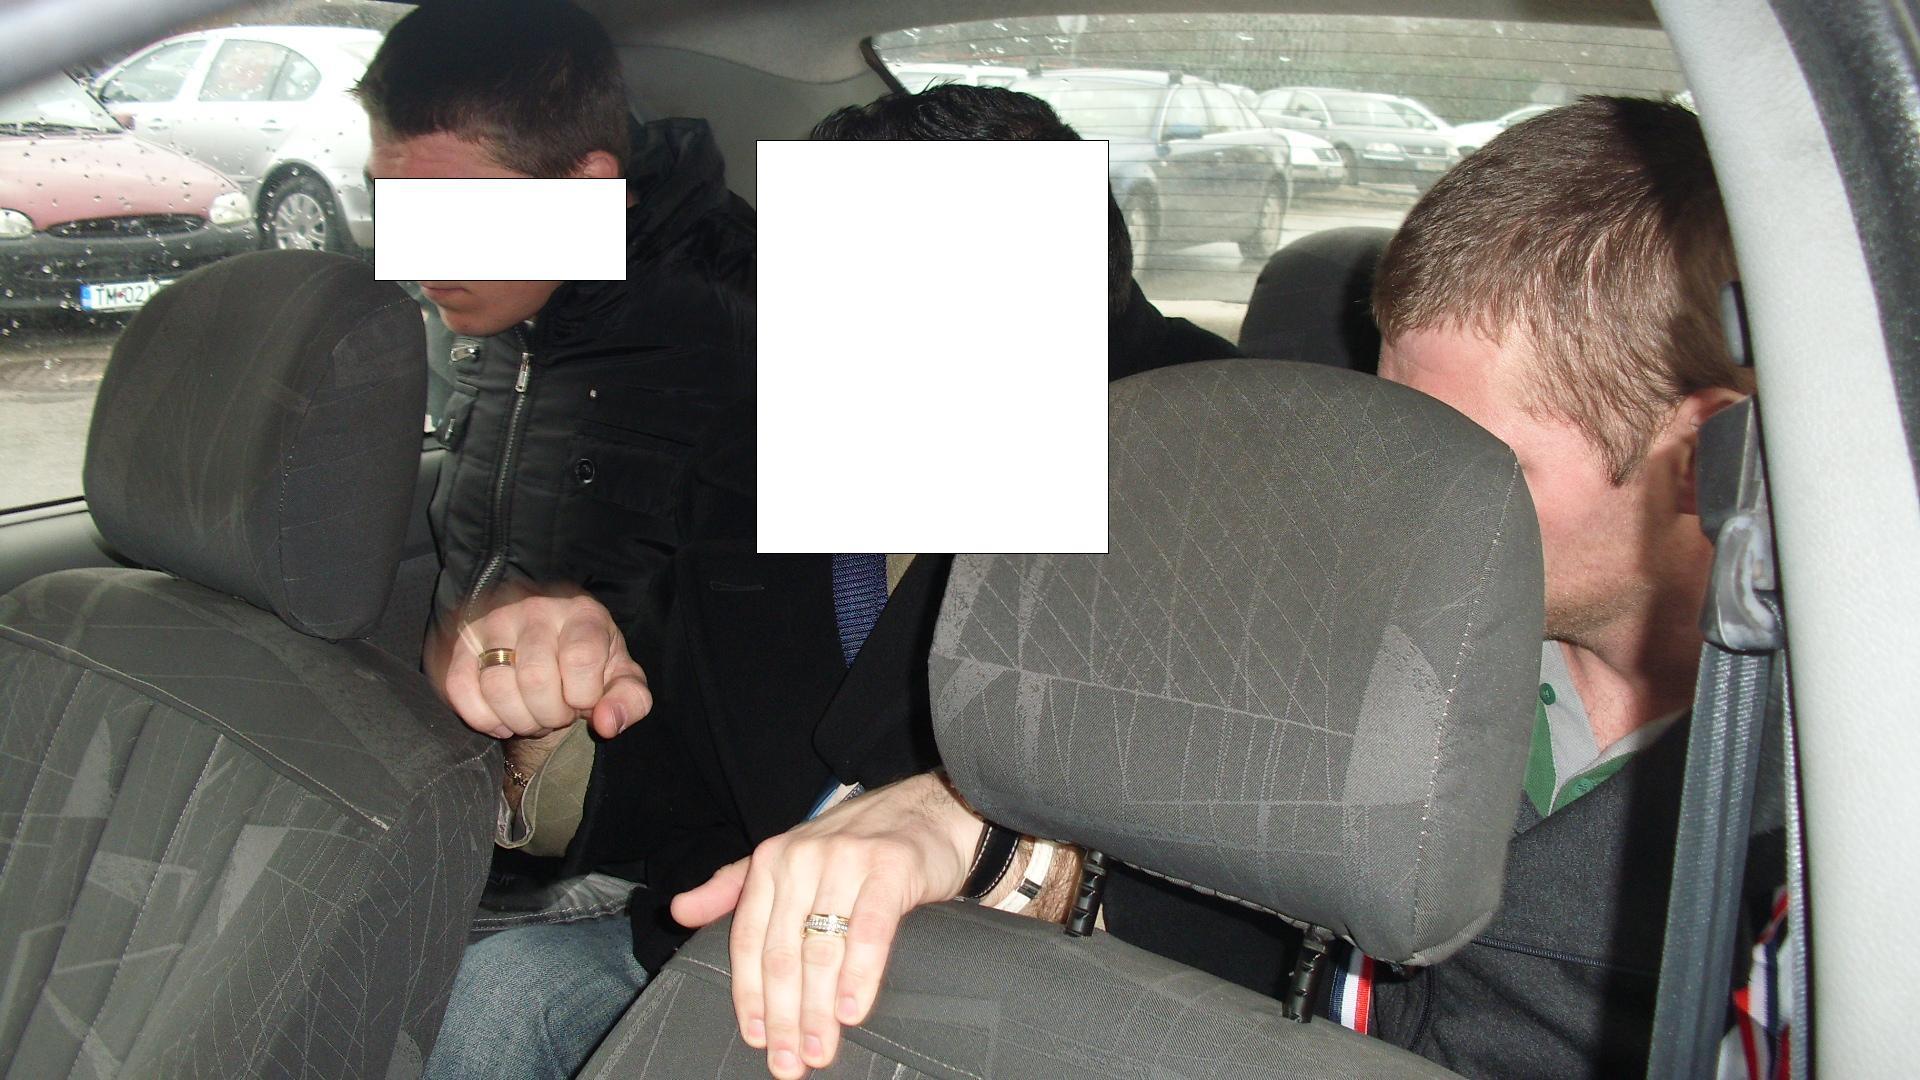 Cei doi talhari care au amenintat un barbat cu cutitul si i-au furat cardul bancar au fost arestati